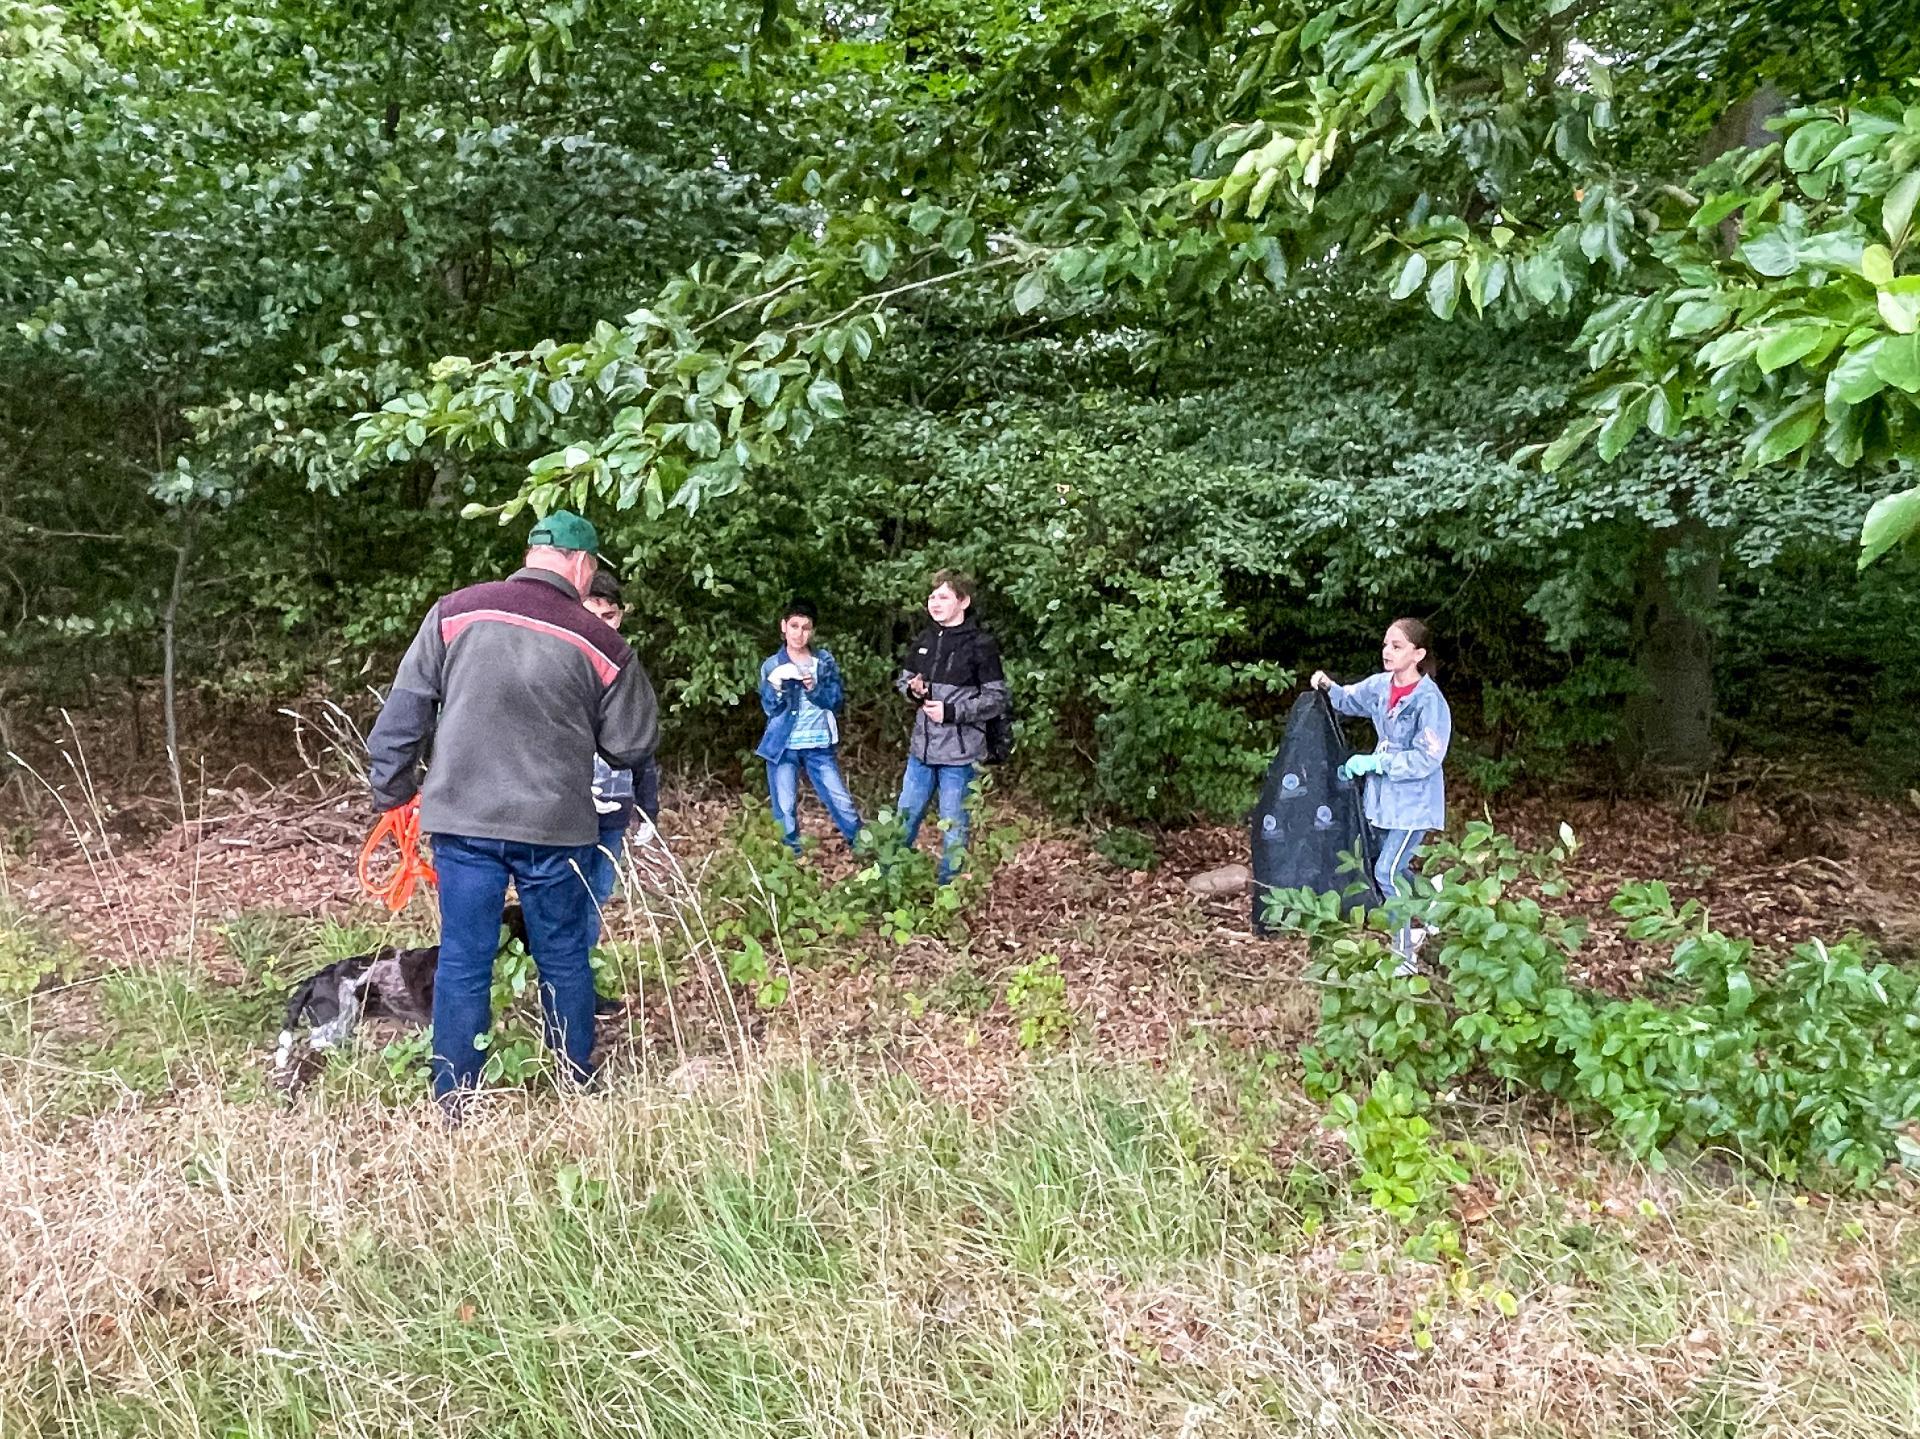 In Gruppen liefen die Kinder durch den Wald. Foto: Jenny Miersch